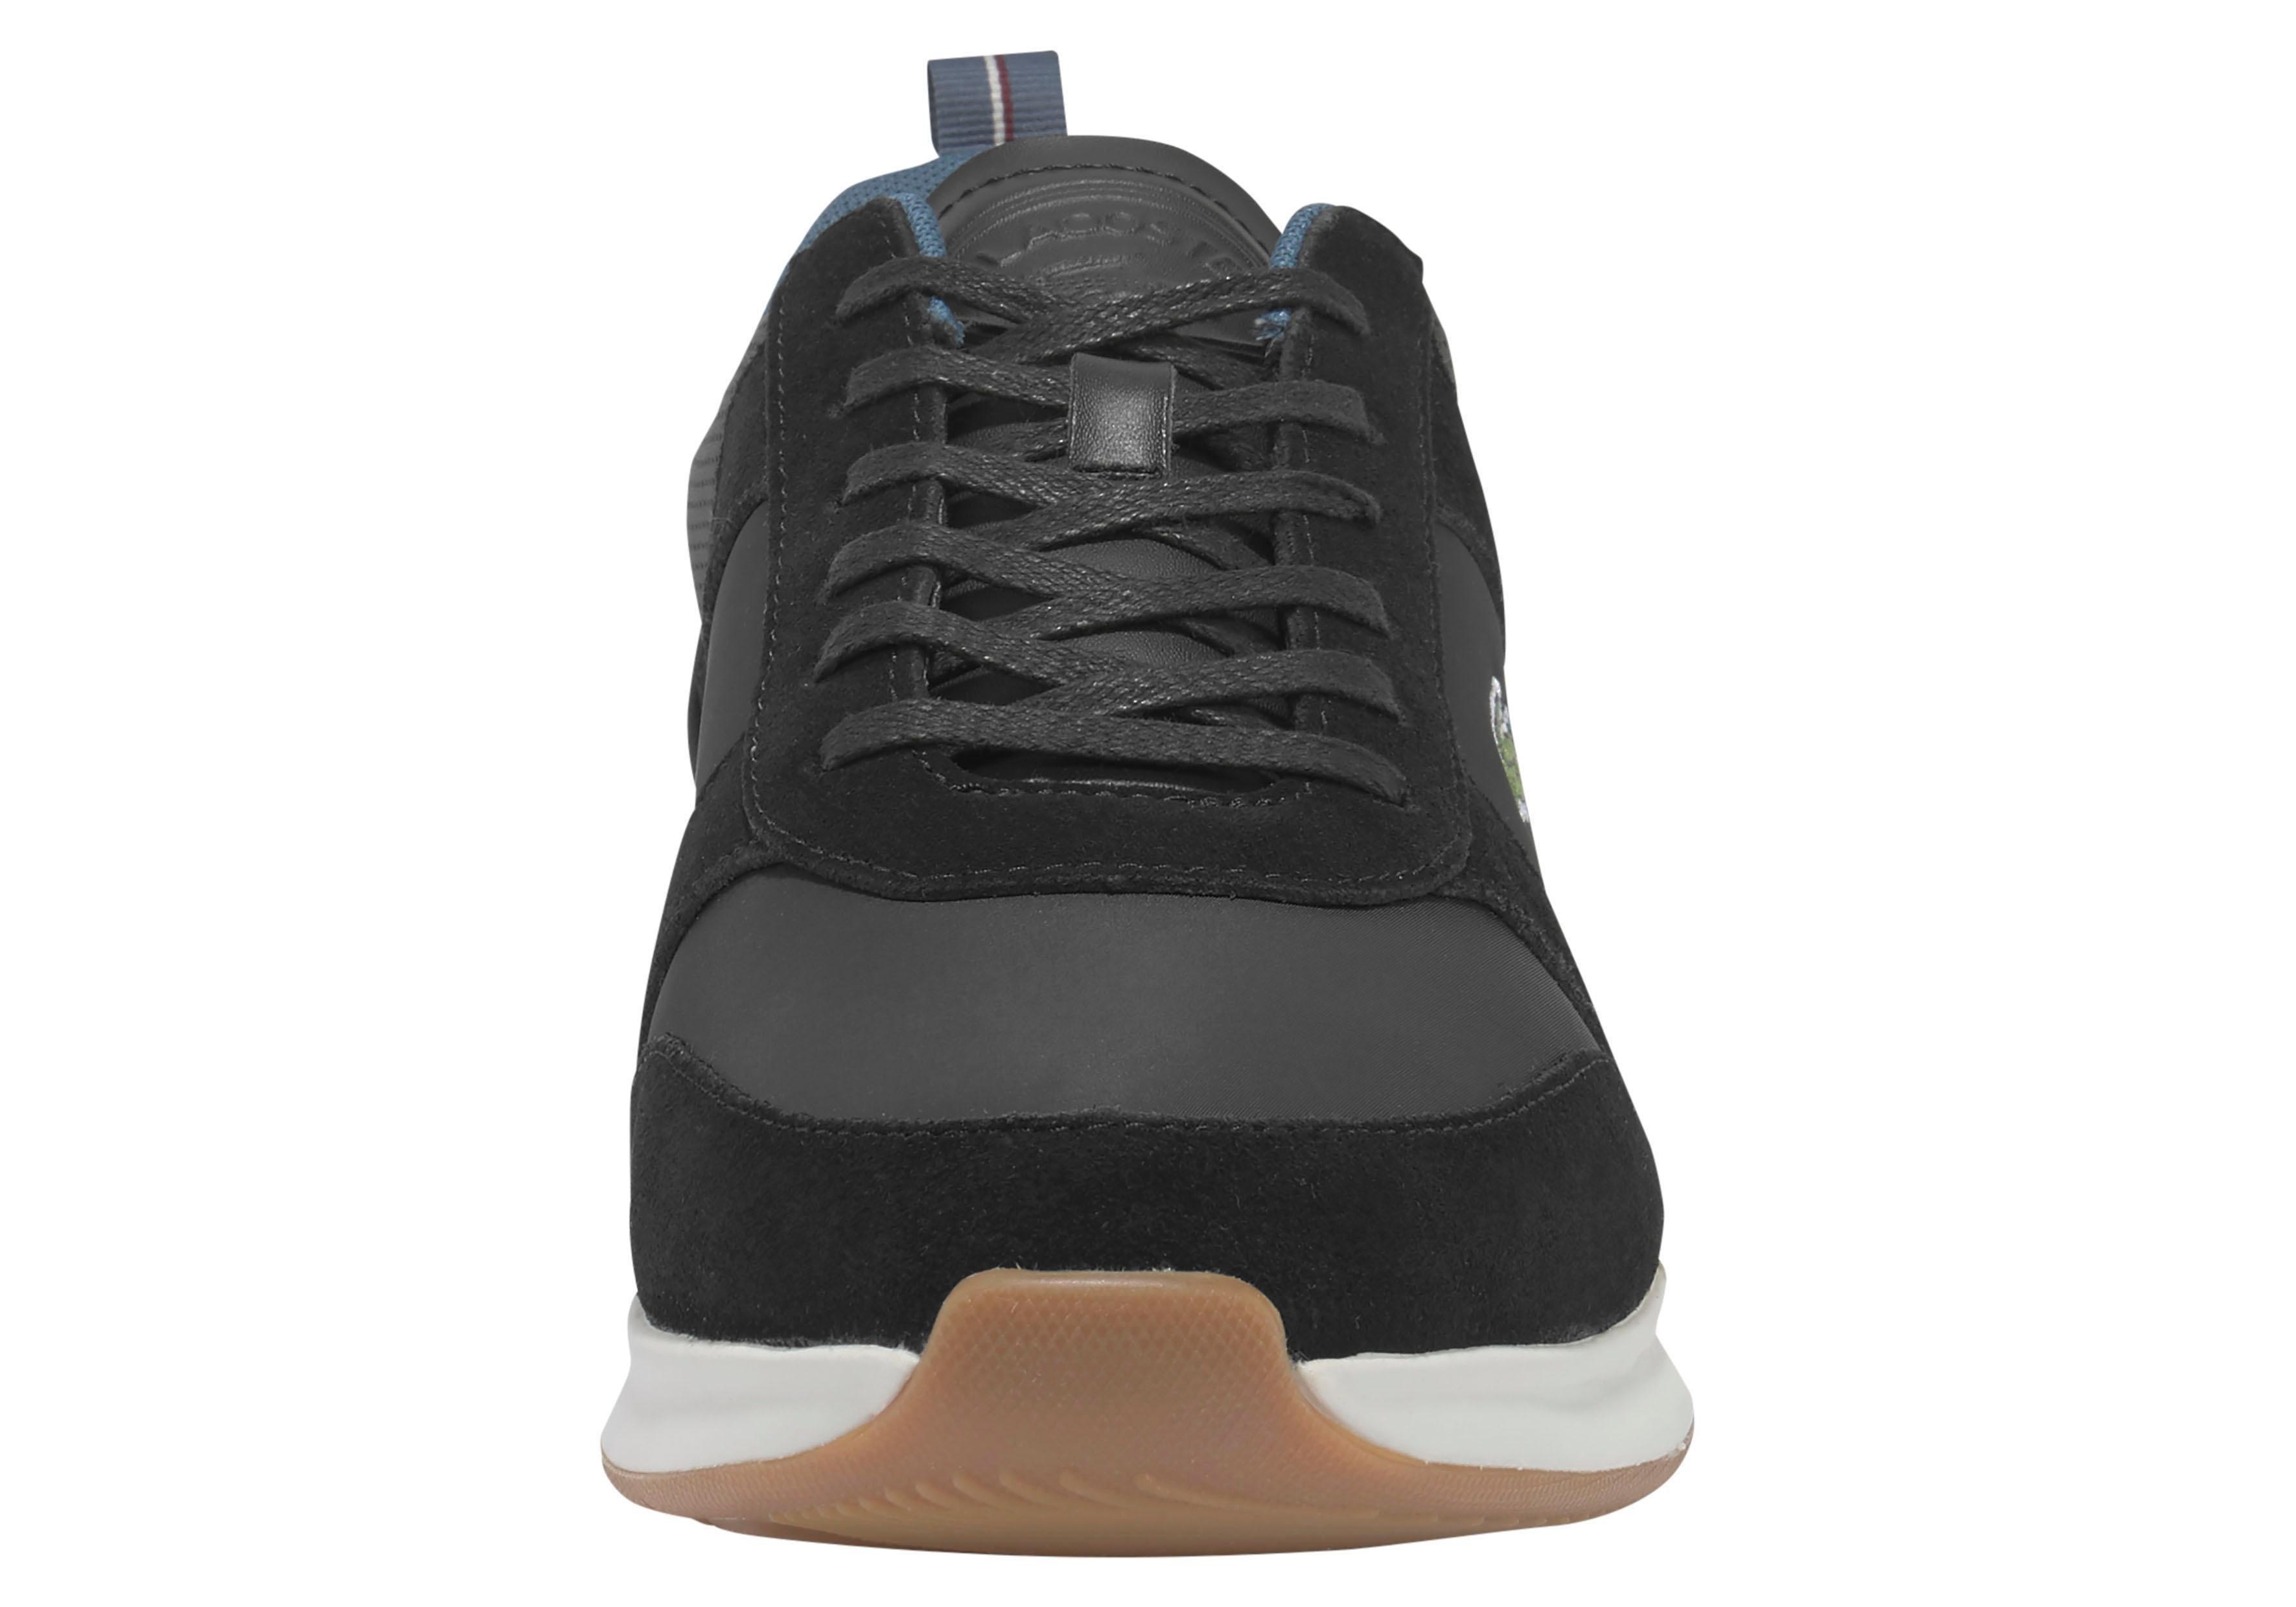 Sneakersjoggeur Lacoste 418 1 Snel Gevonden 8wONvny0Pm